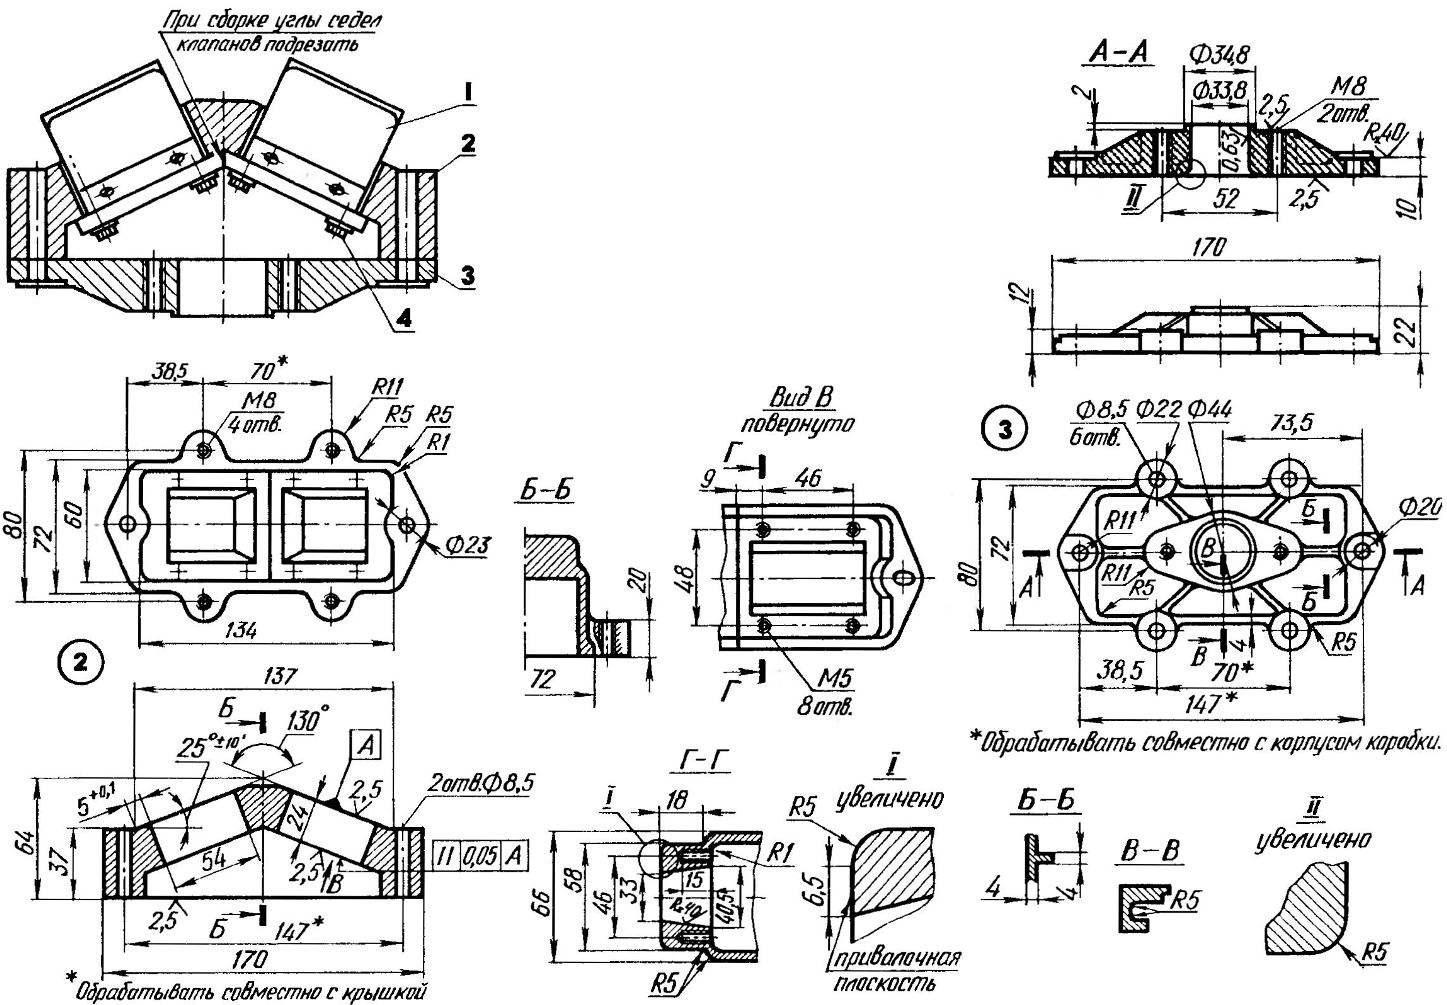 Рис. 7. Коробка клапанов: 1 — клапан пластинчатый (2 шт.); 2 — корпус коробки (АЛ1); 3 — крышка (АЛ1); 4 — винт М5 (8 шт.).